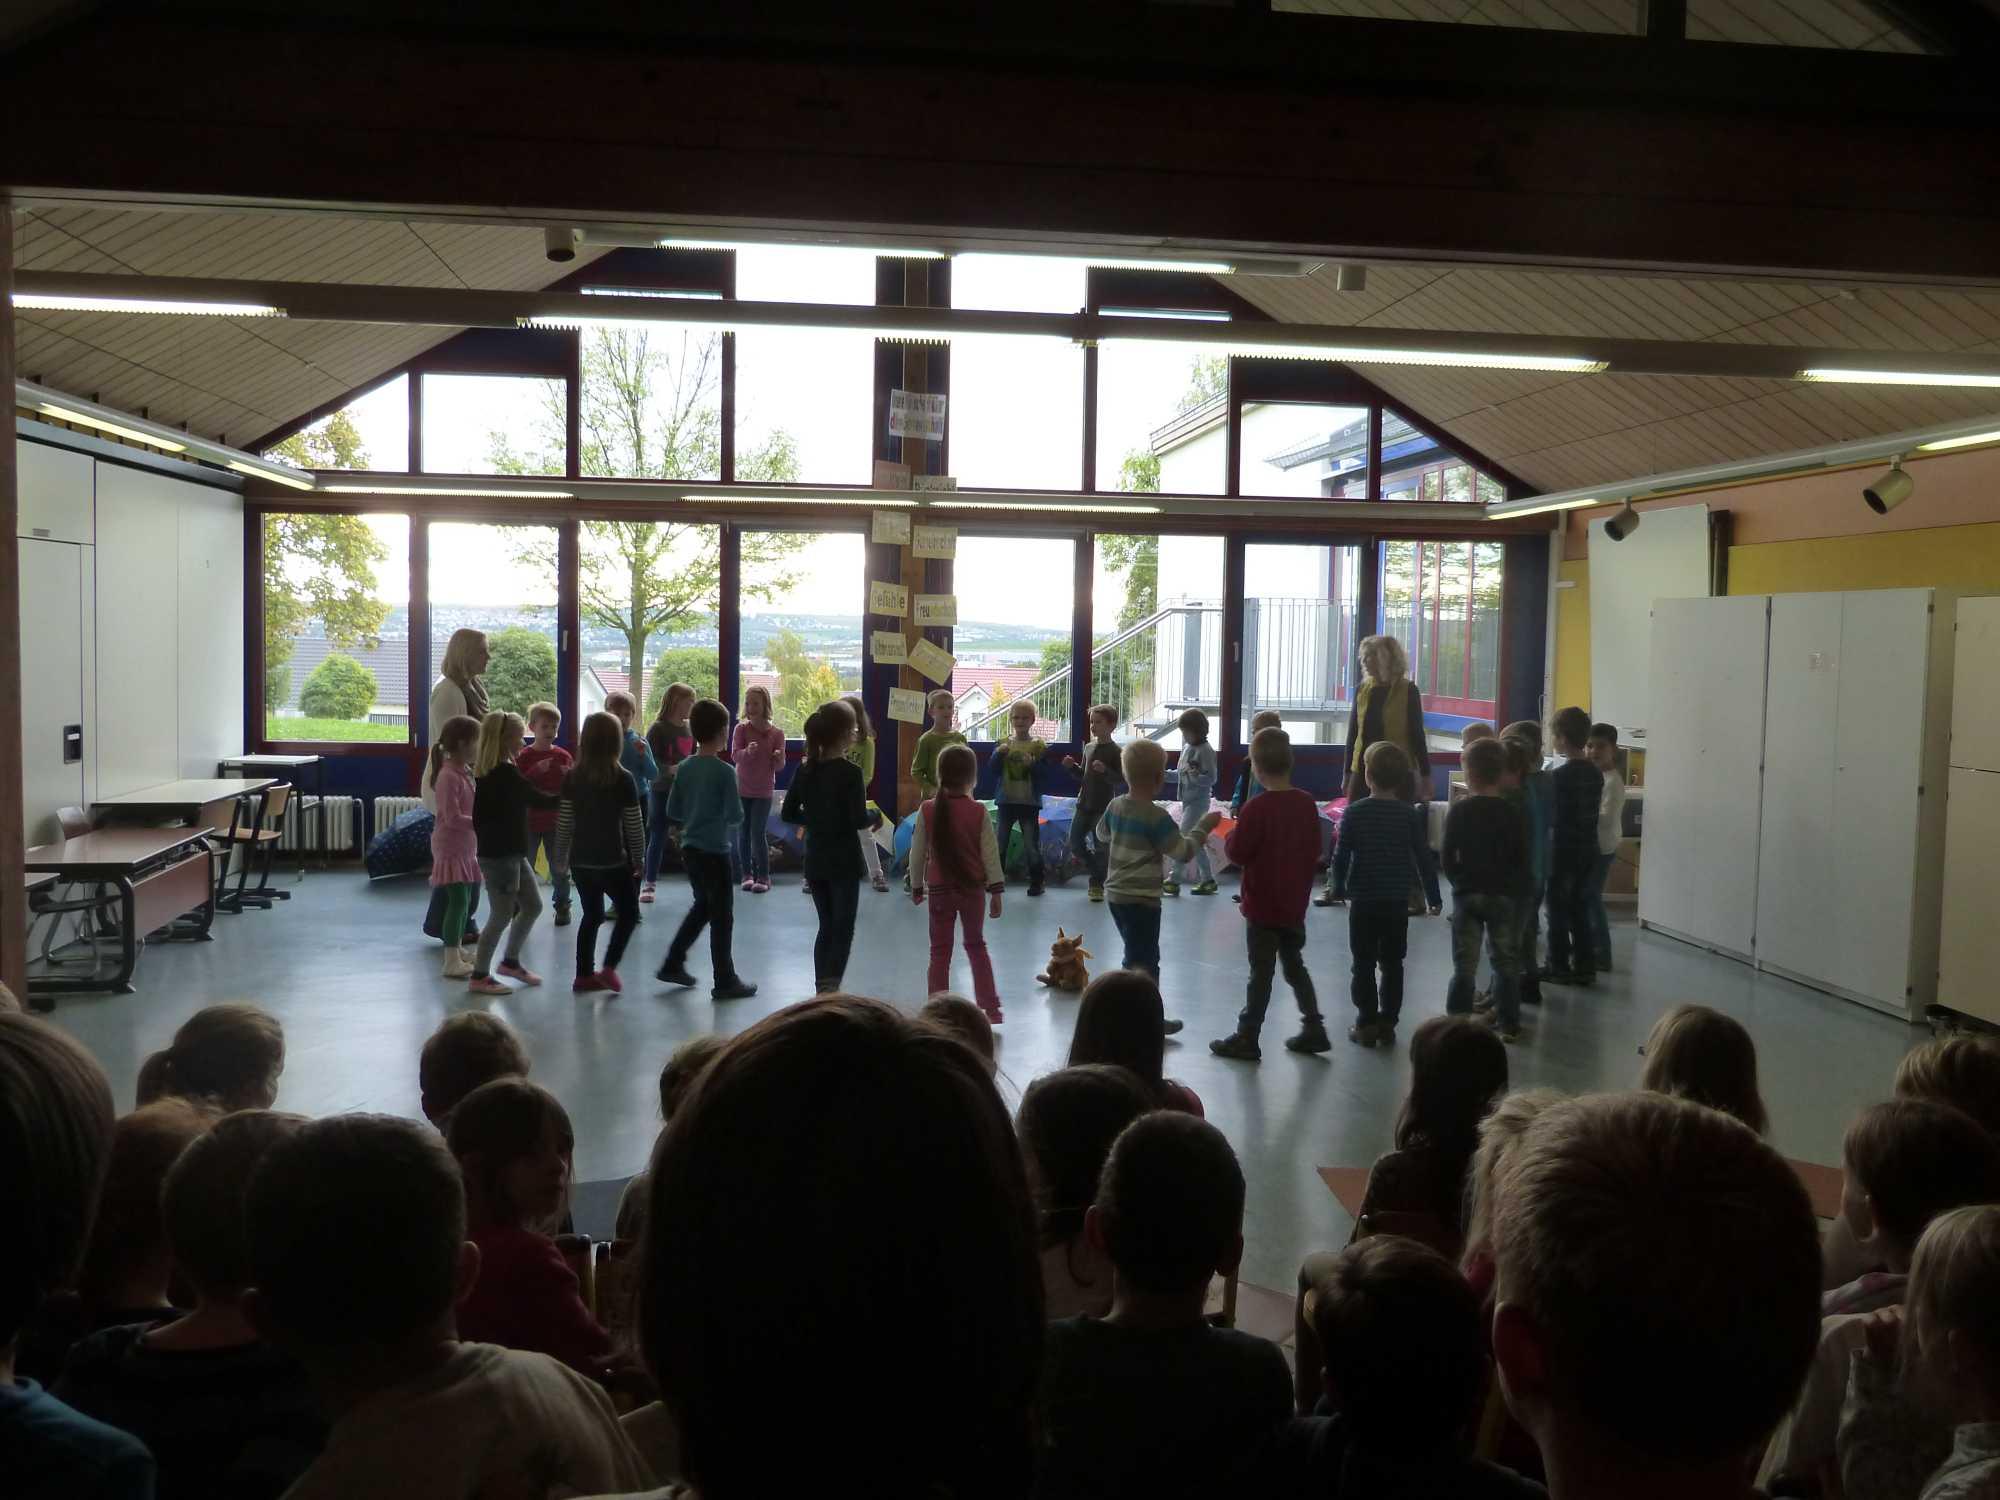 2014.10.17. Schulversammlung 1